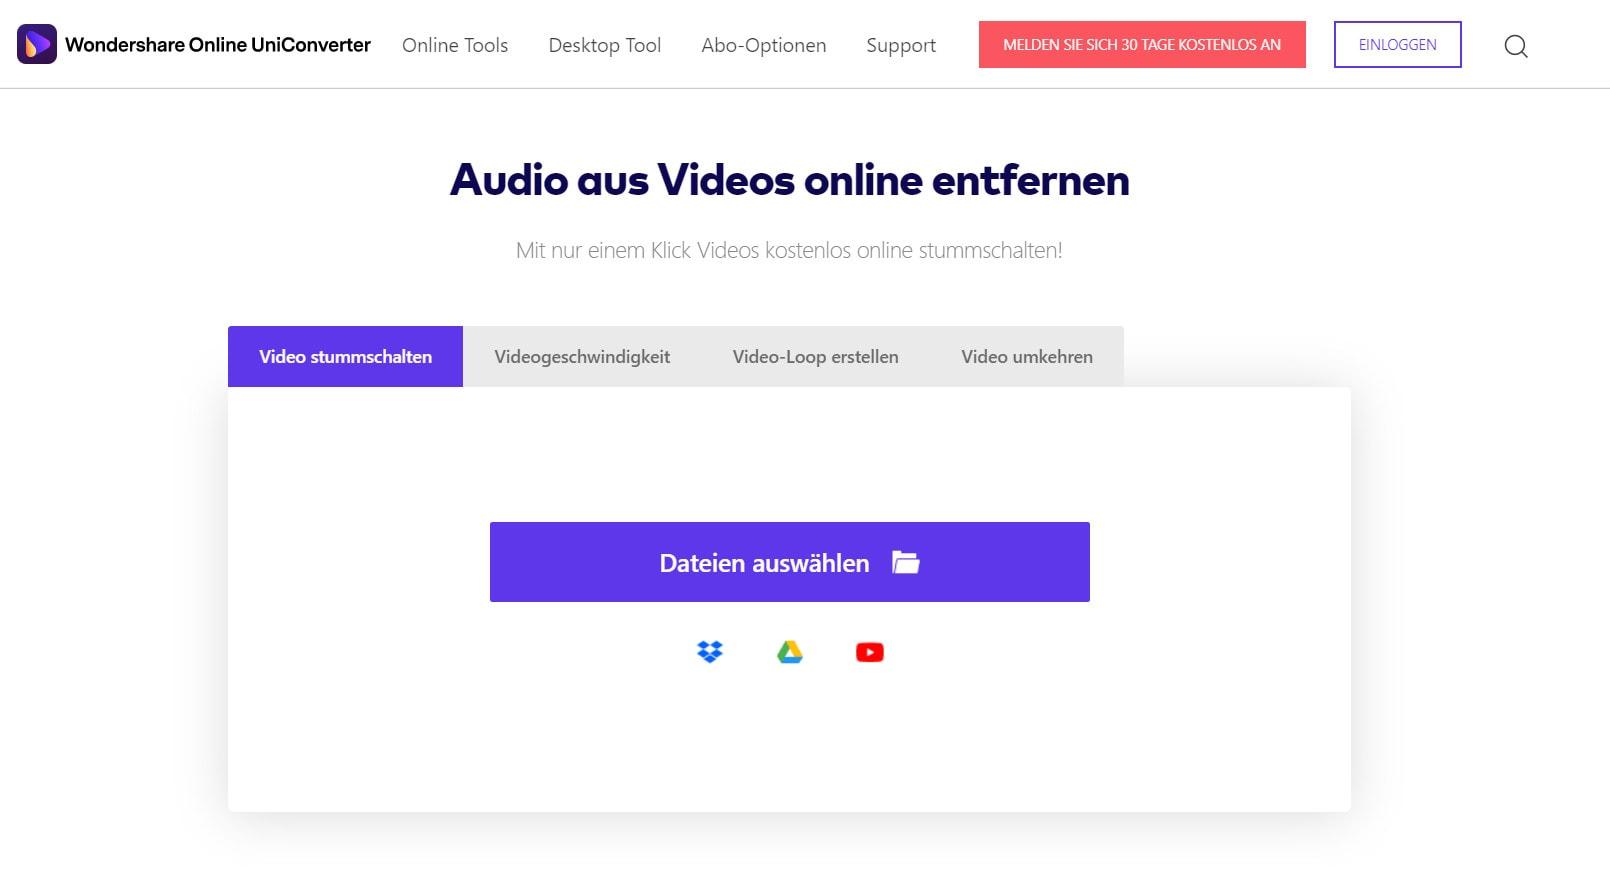 Video online stummschalten mit dem Online UniConverter